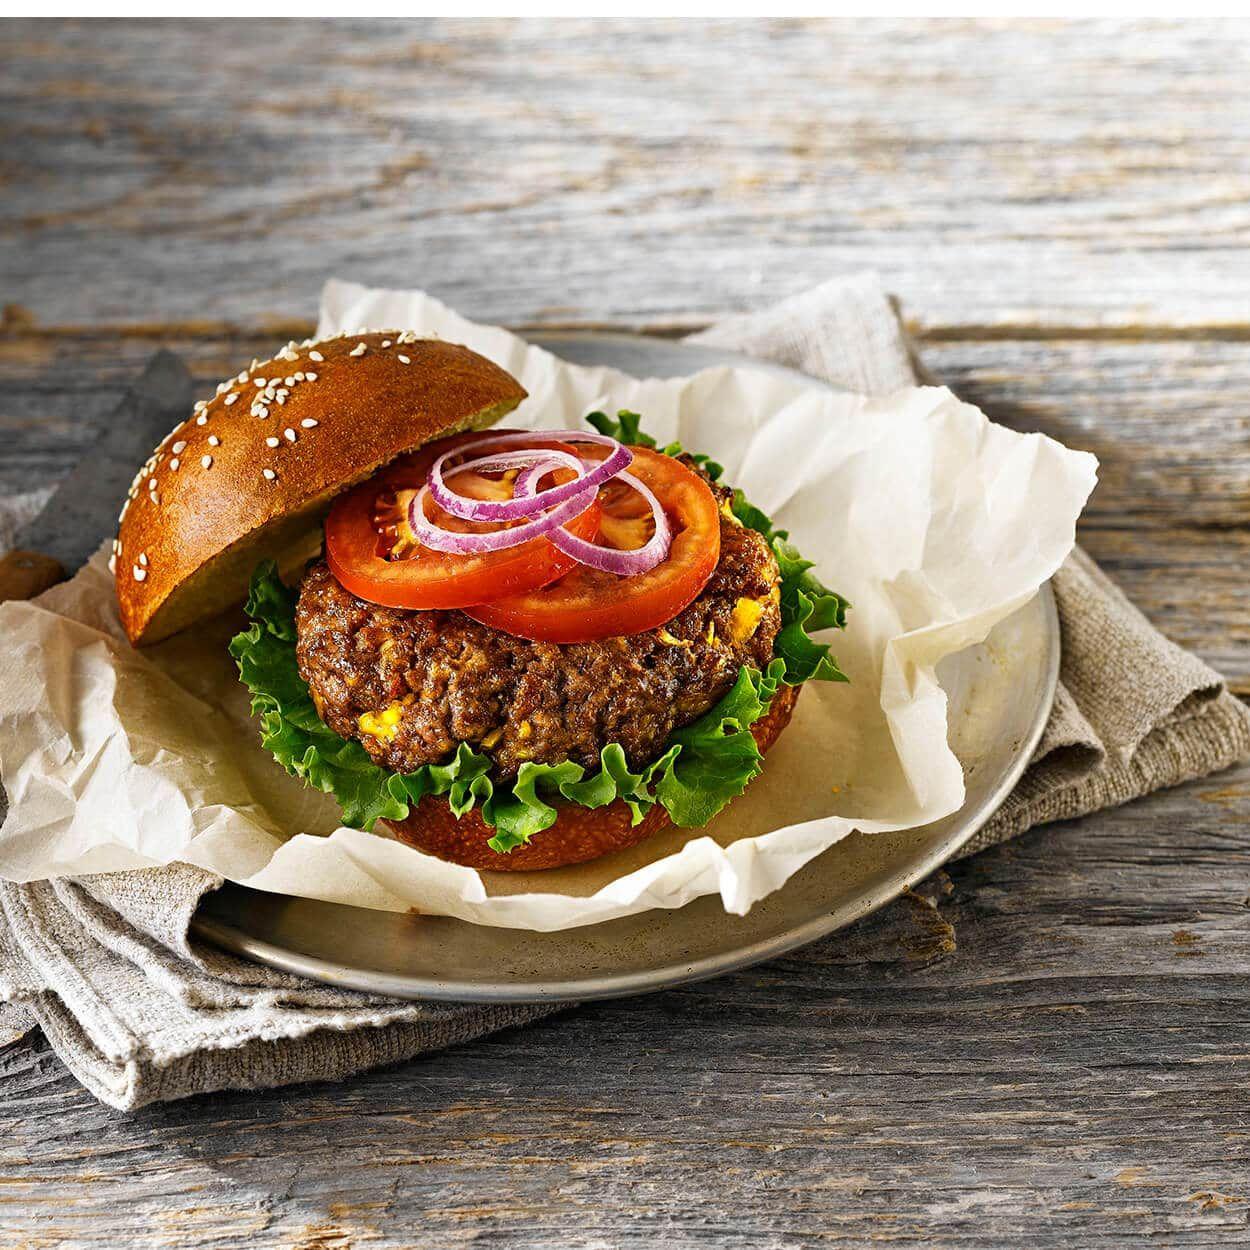 L'ultime burger | Recette | Recette, Idée recette, Repas simple